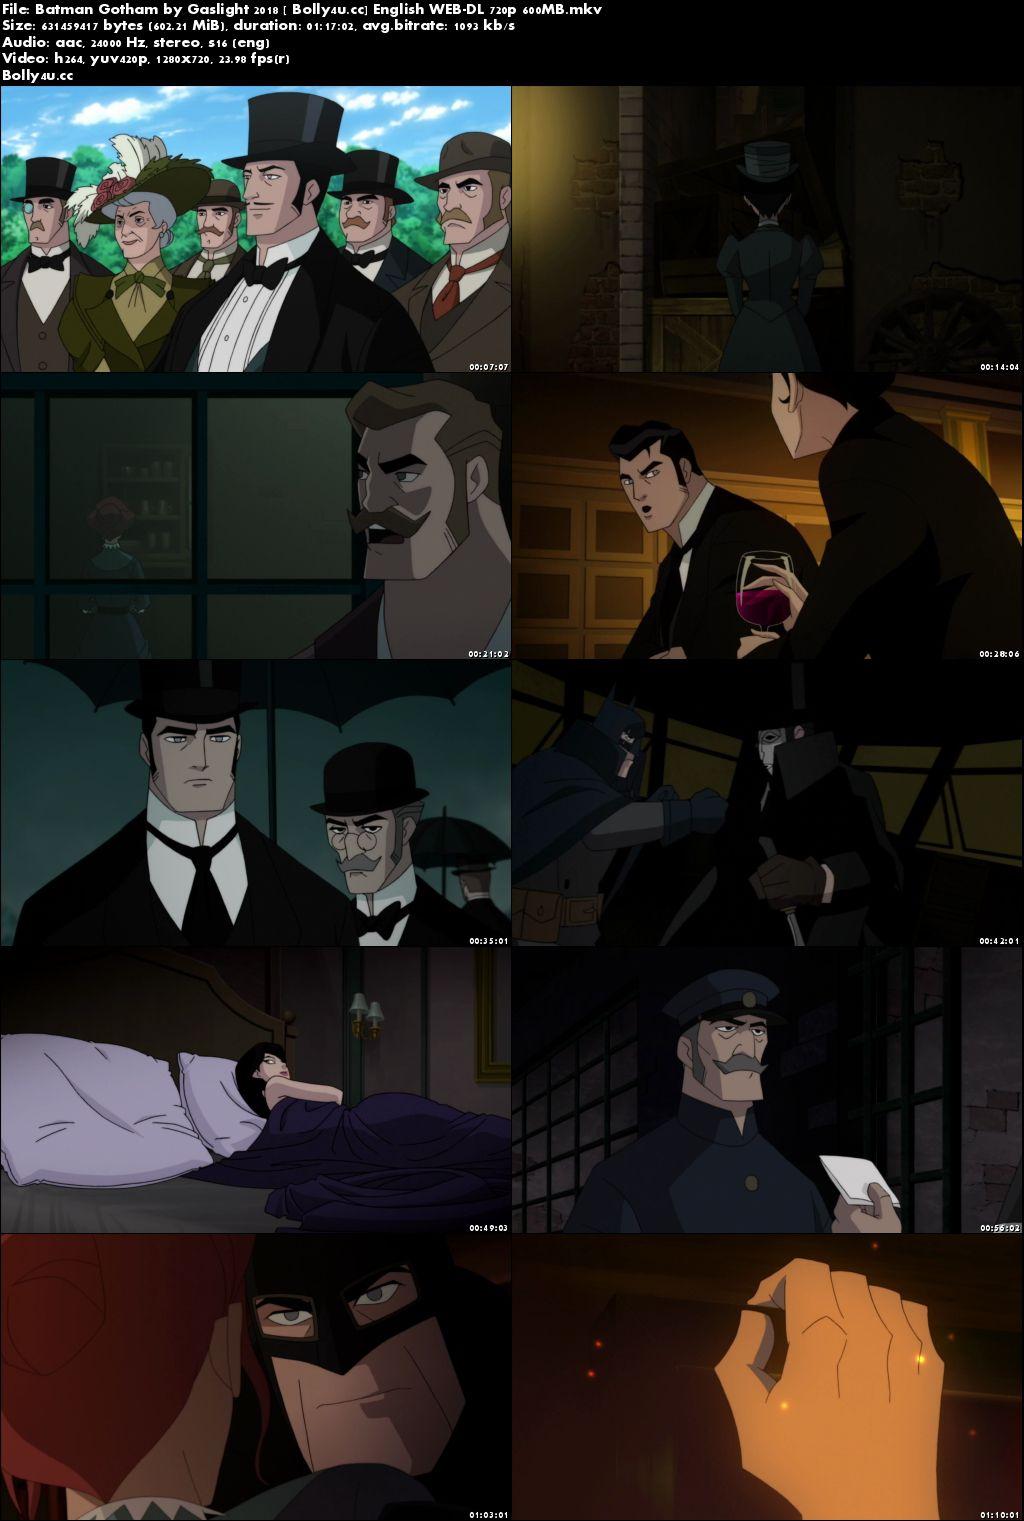 Batman Gotham by Gaslight 2018 WEB-DL 250MB English 480p